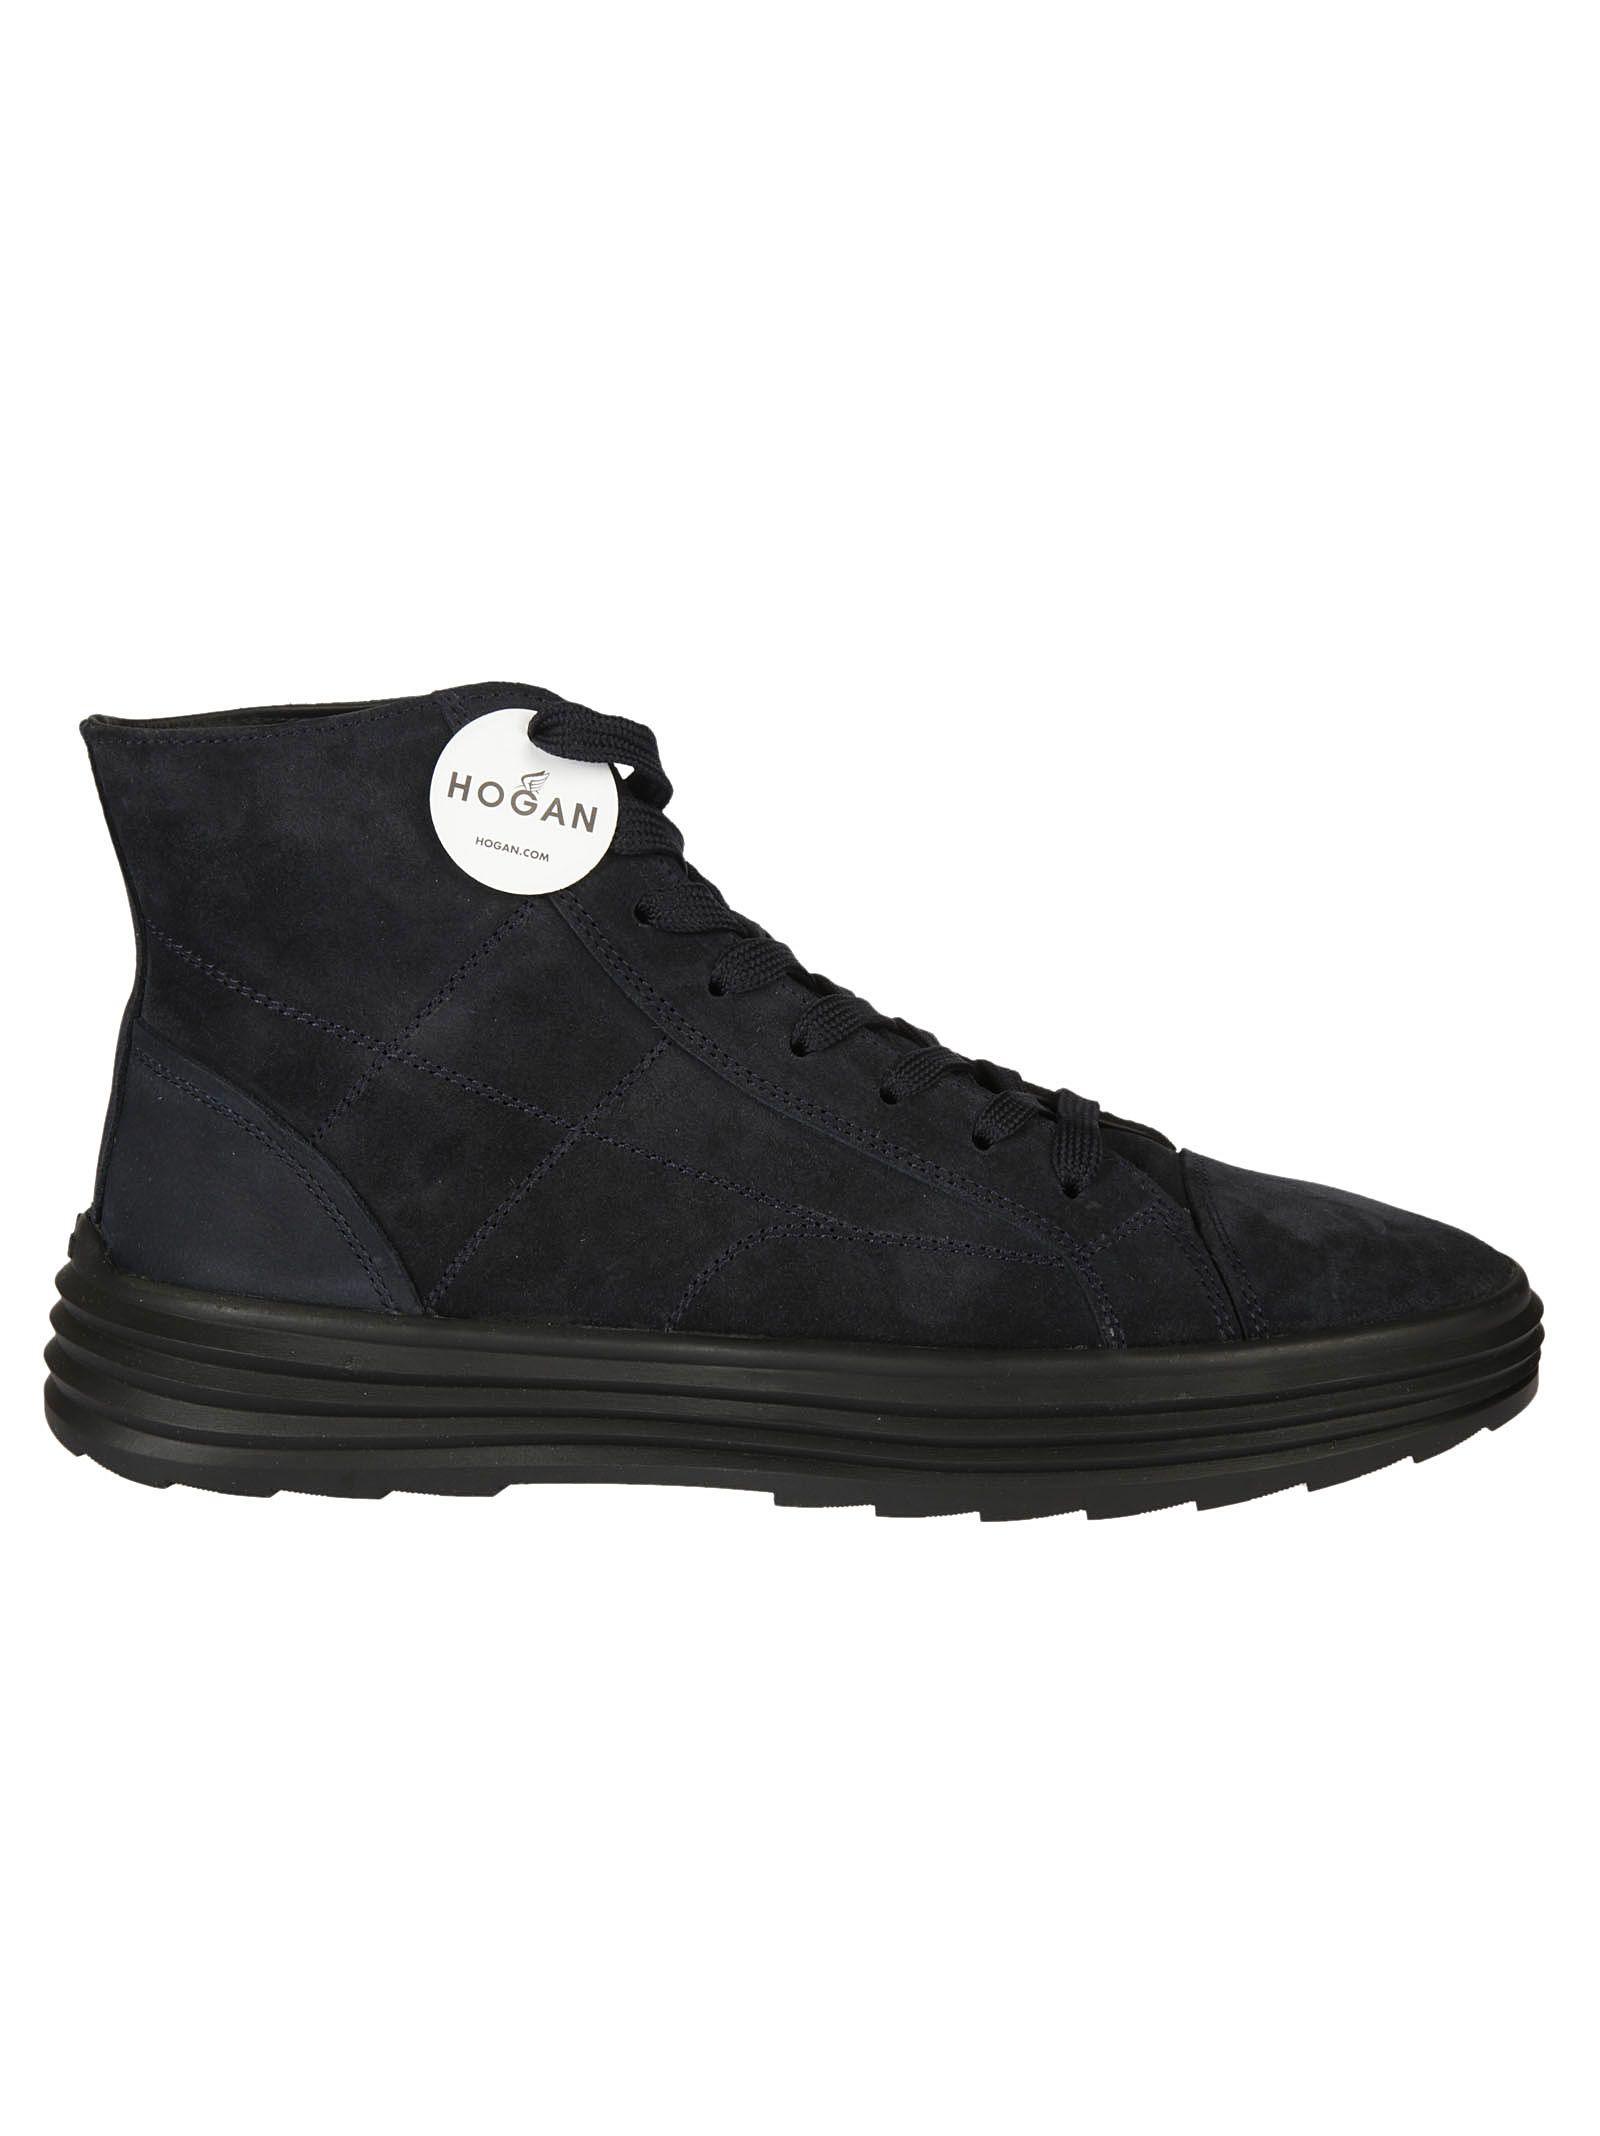 Hogan H341 Helix Sneakers